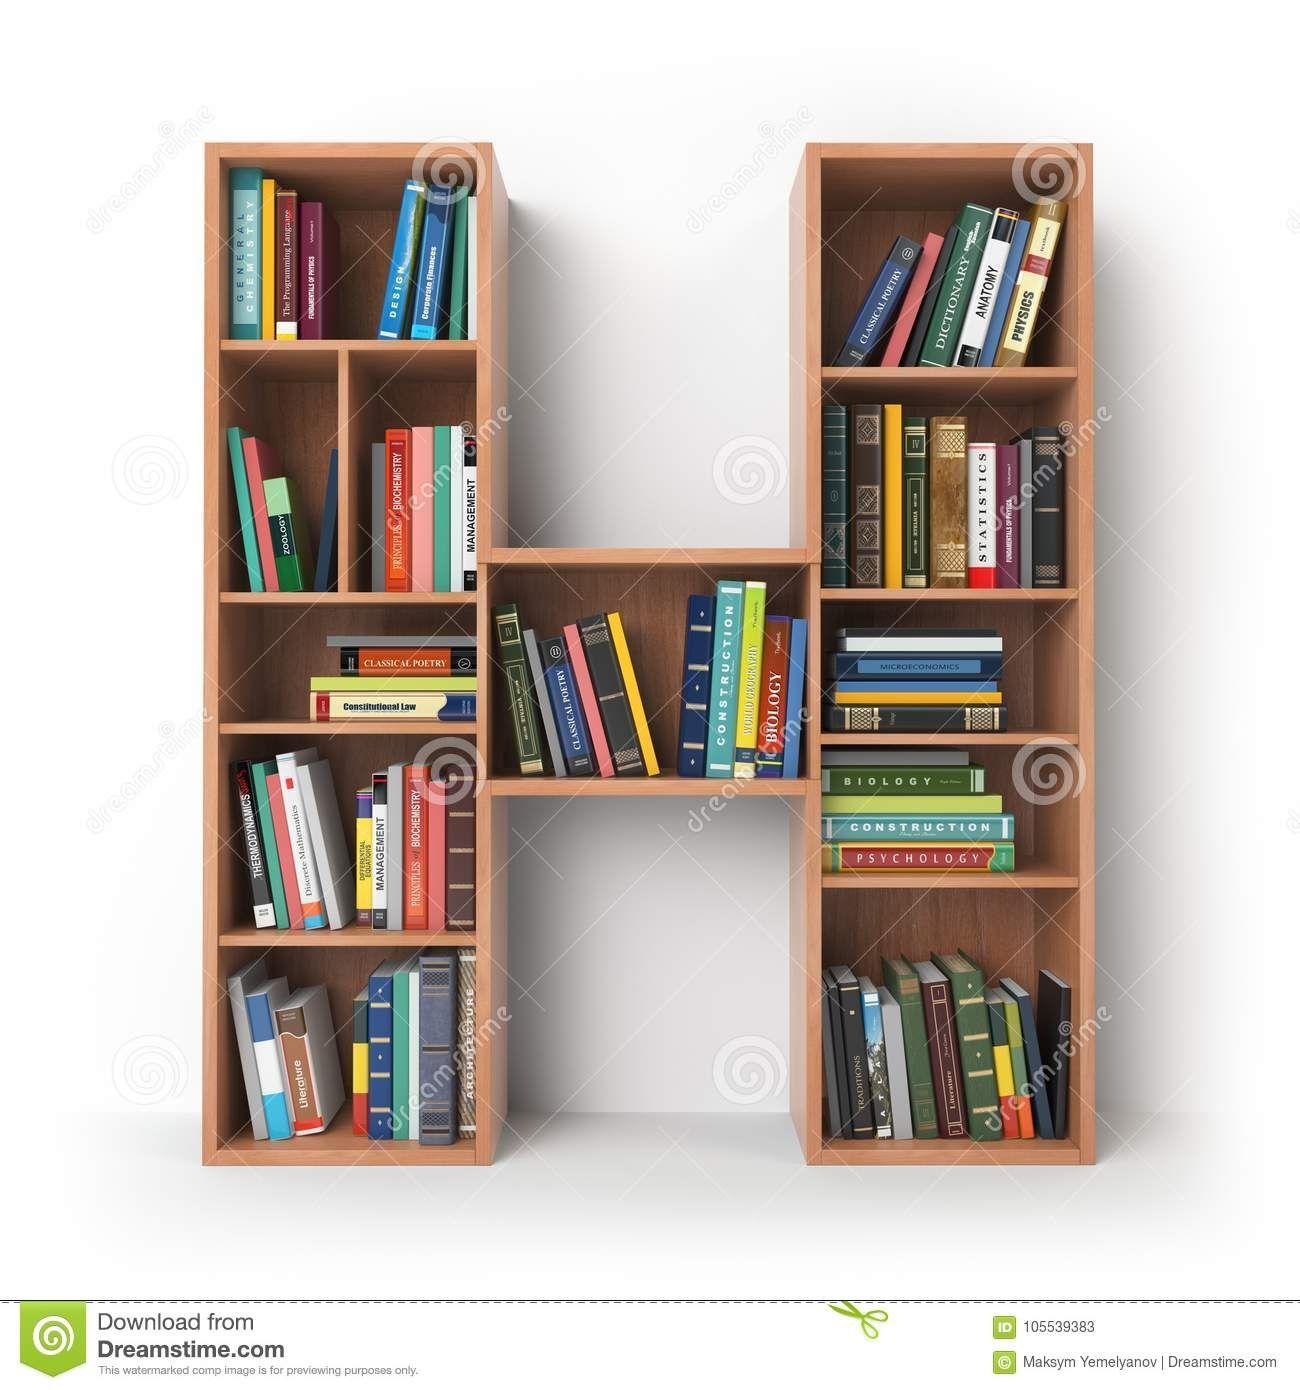 Letter H Alphabet In The Form Of Shelves With Books Isolated On Stock Illustration Illustration Of Pap Book Rack Design Bookshelves Diy Creative Bookshelves